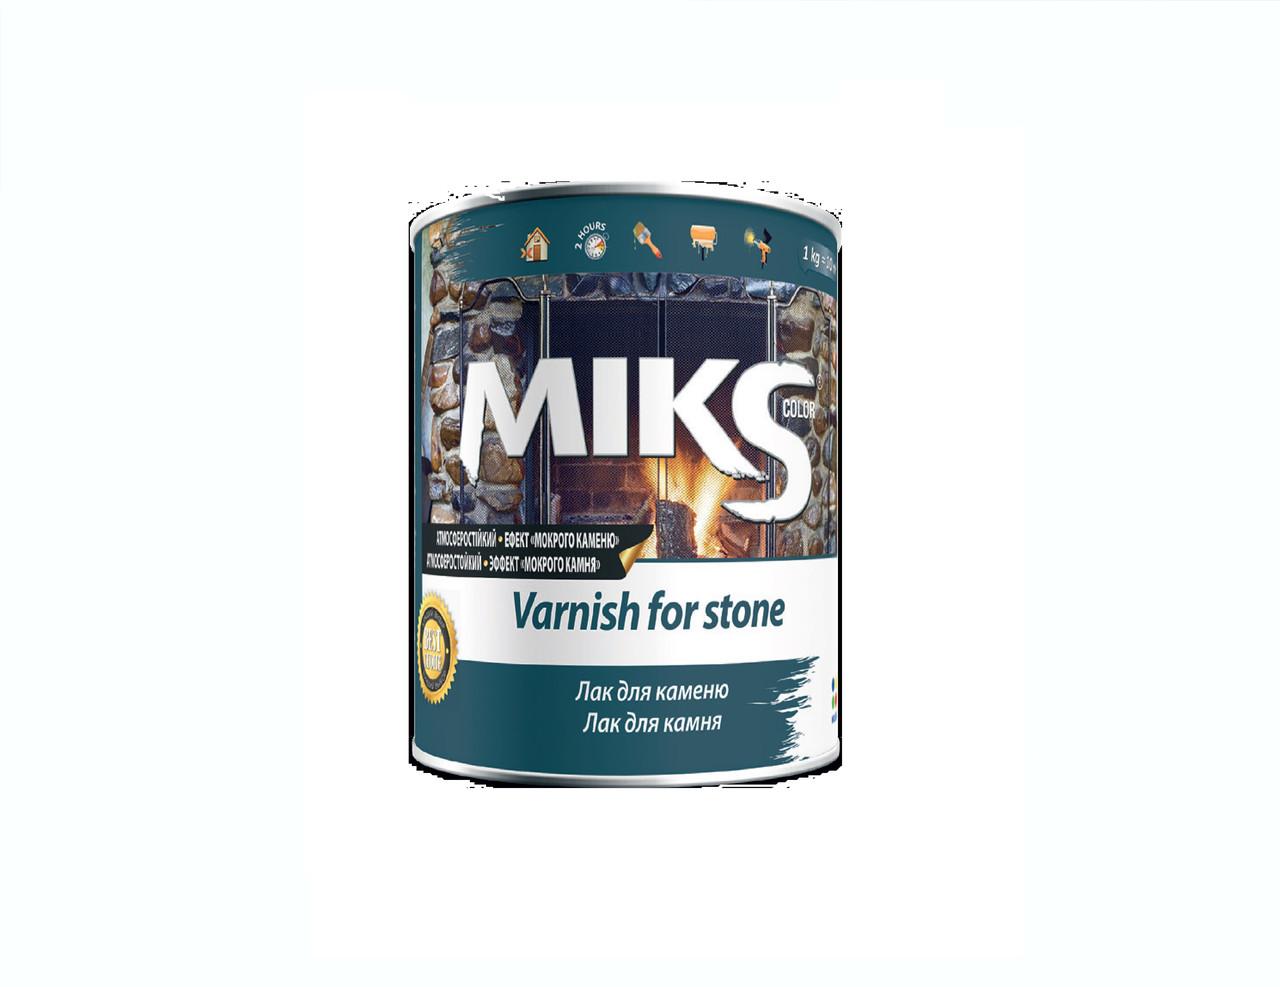 Лак для камня Микс Color , 0.65 кг - МИР КРАСОК. Товары в розницу по оптовым ценам. в Днепре